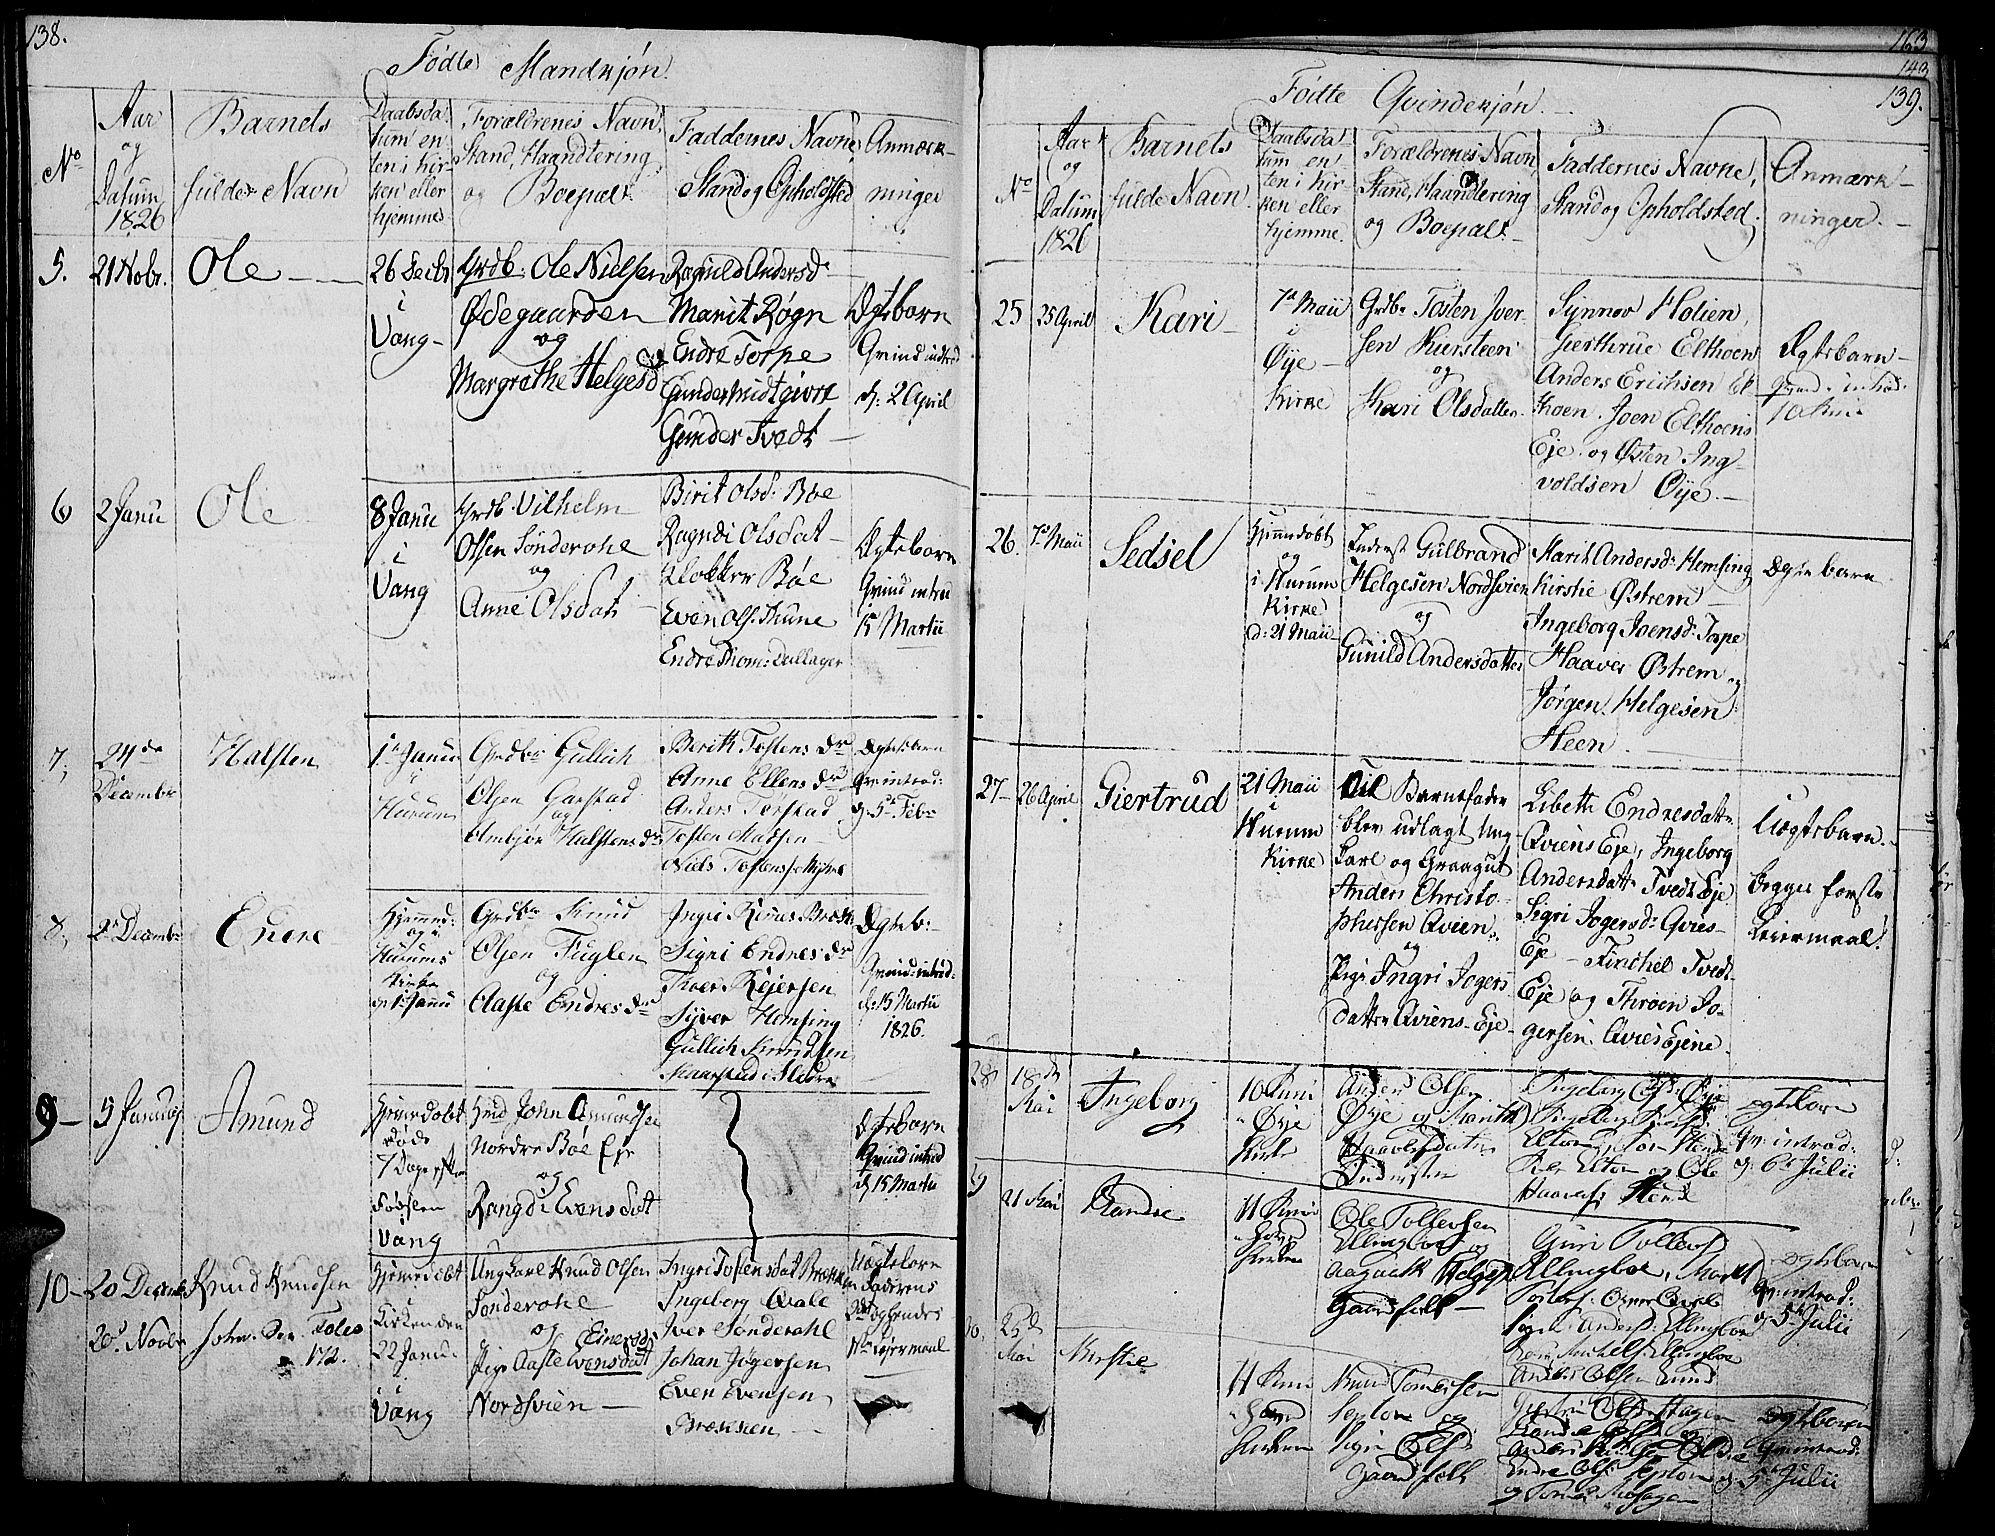 SAH, Vang prestekontor, Valdres, Ministerialbok nr. 3, 1809-1831, s. 138-139